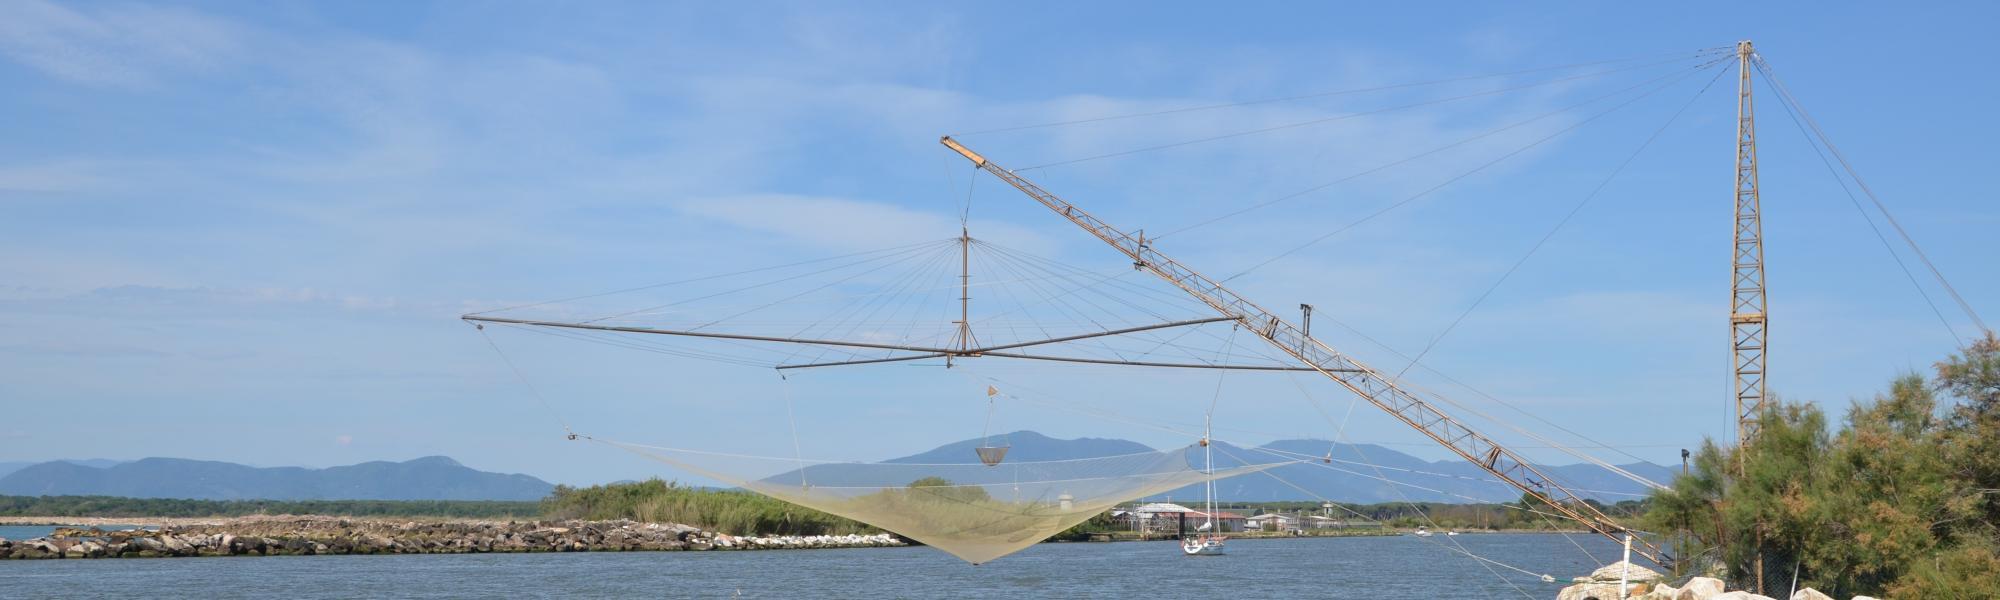 Le reti per la pesca prima alla foce dell'Arno (R. Cardini)